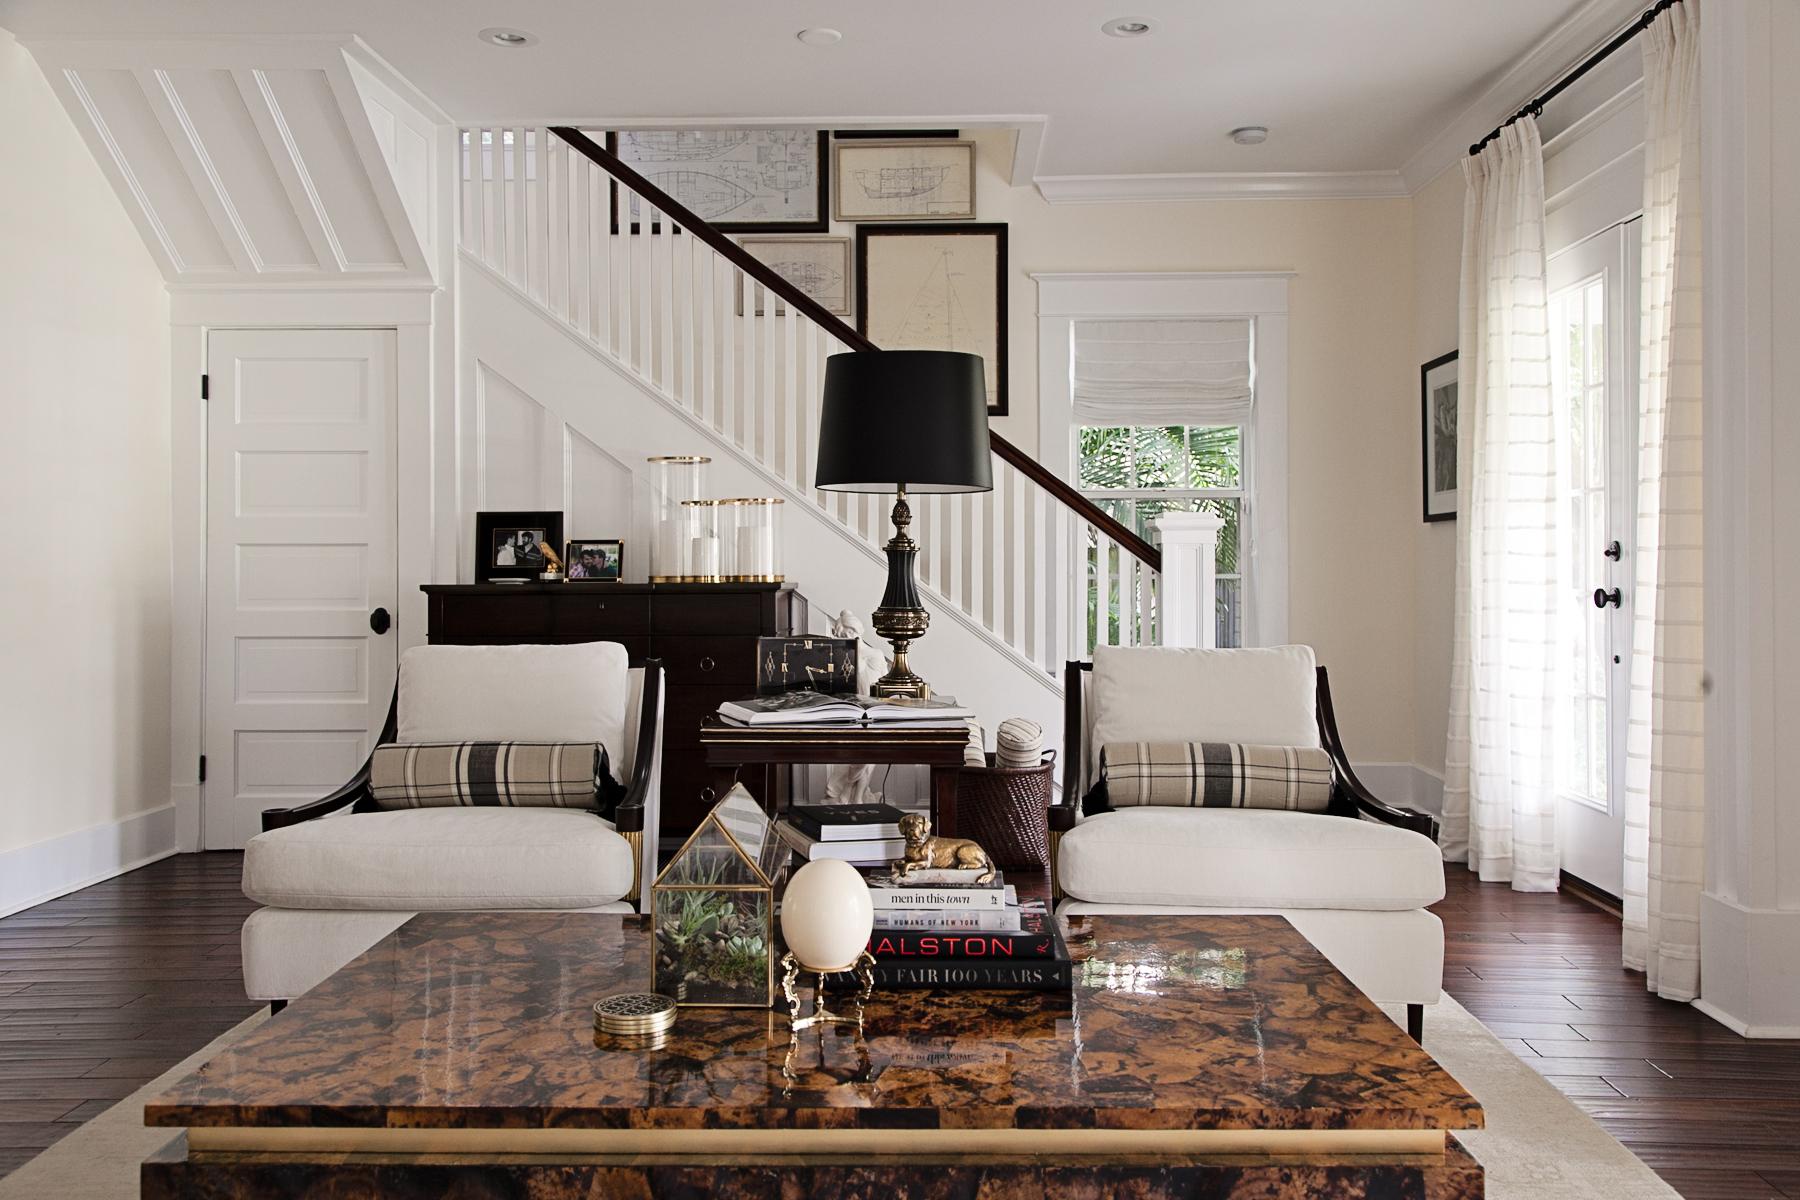 historic_monochromatic_interiordesign_Lisagilmoredesign1